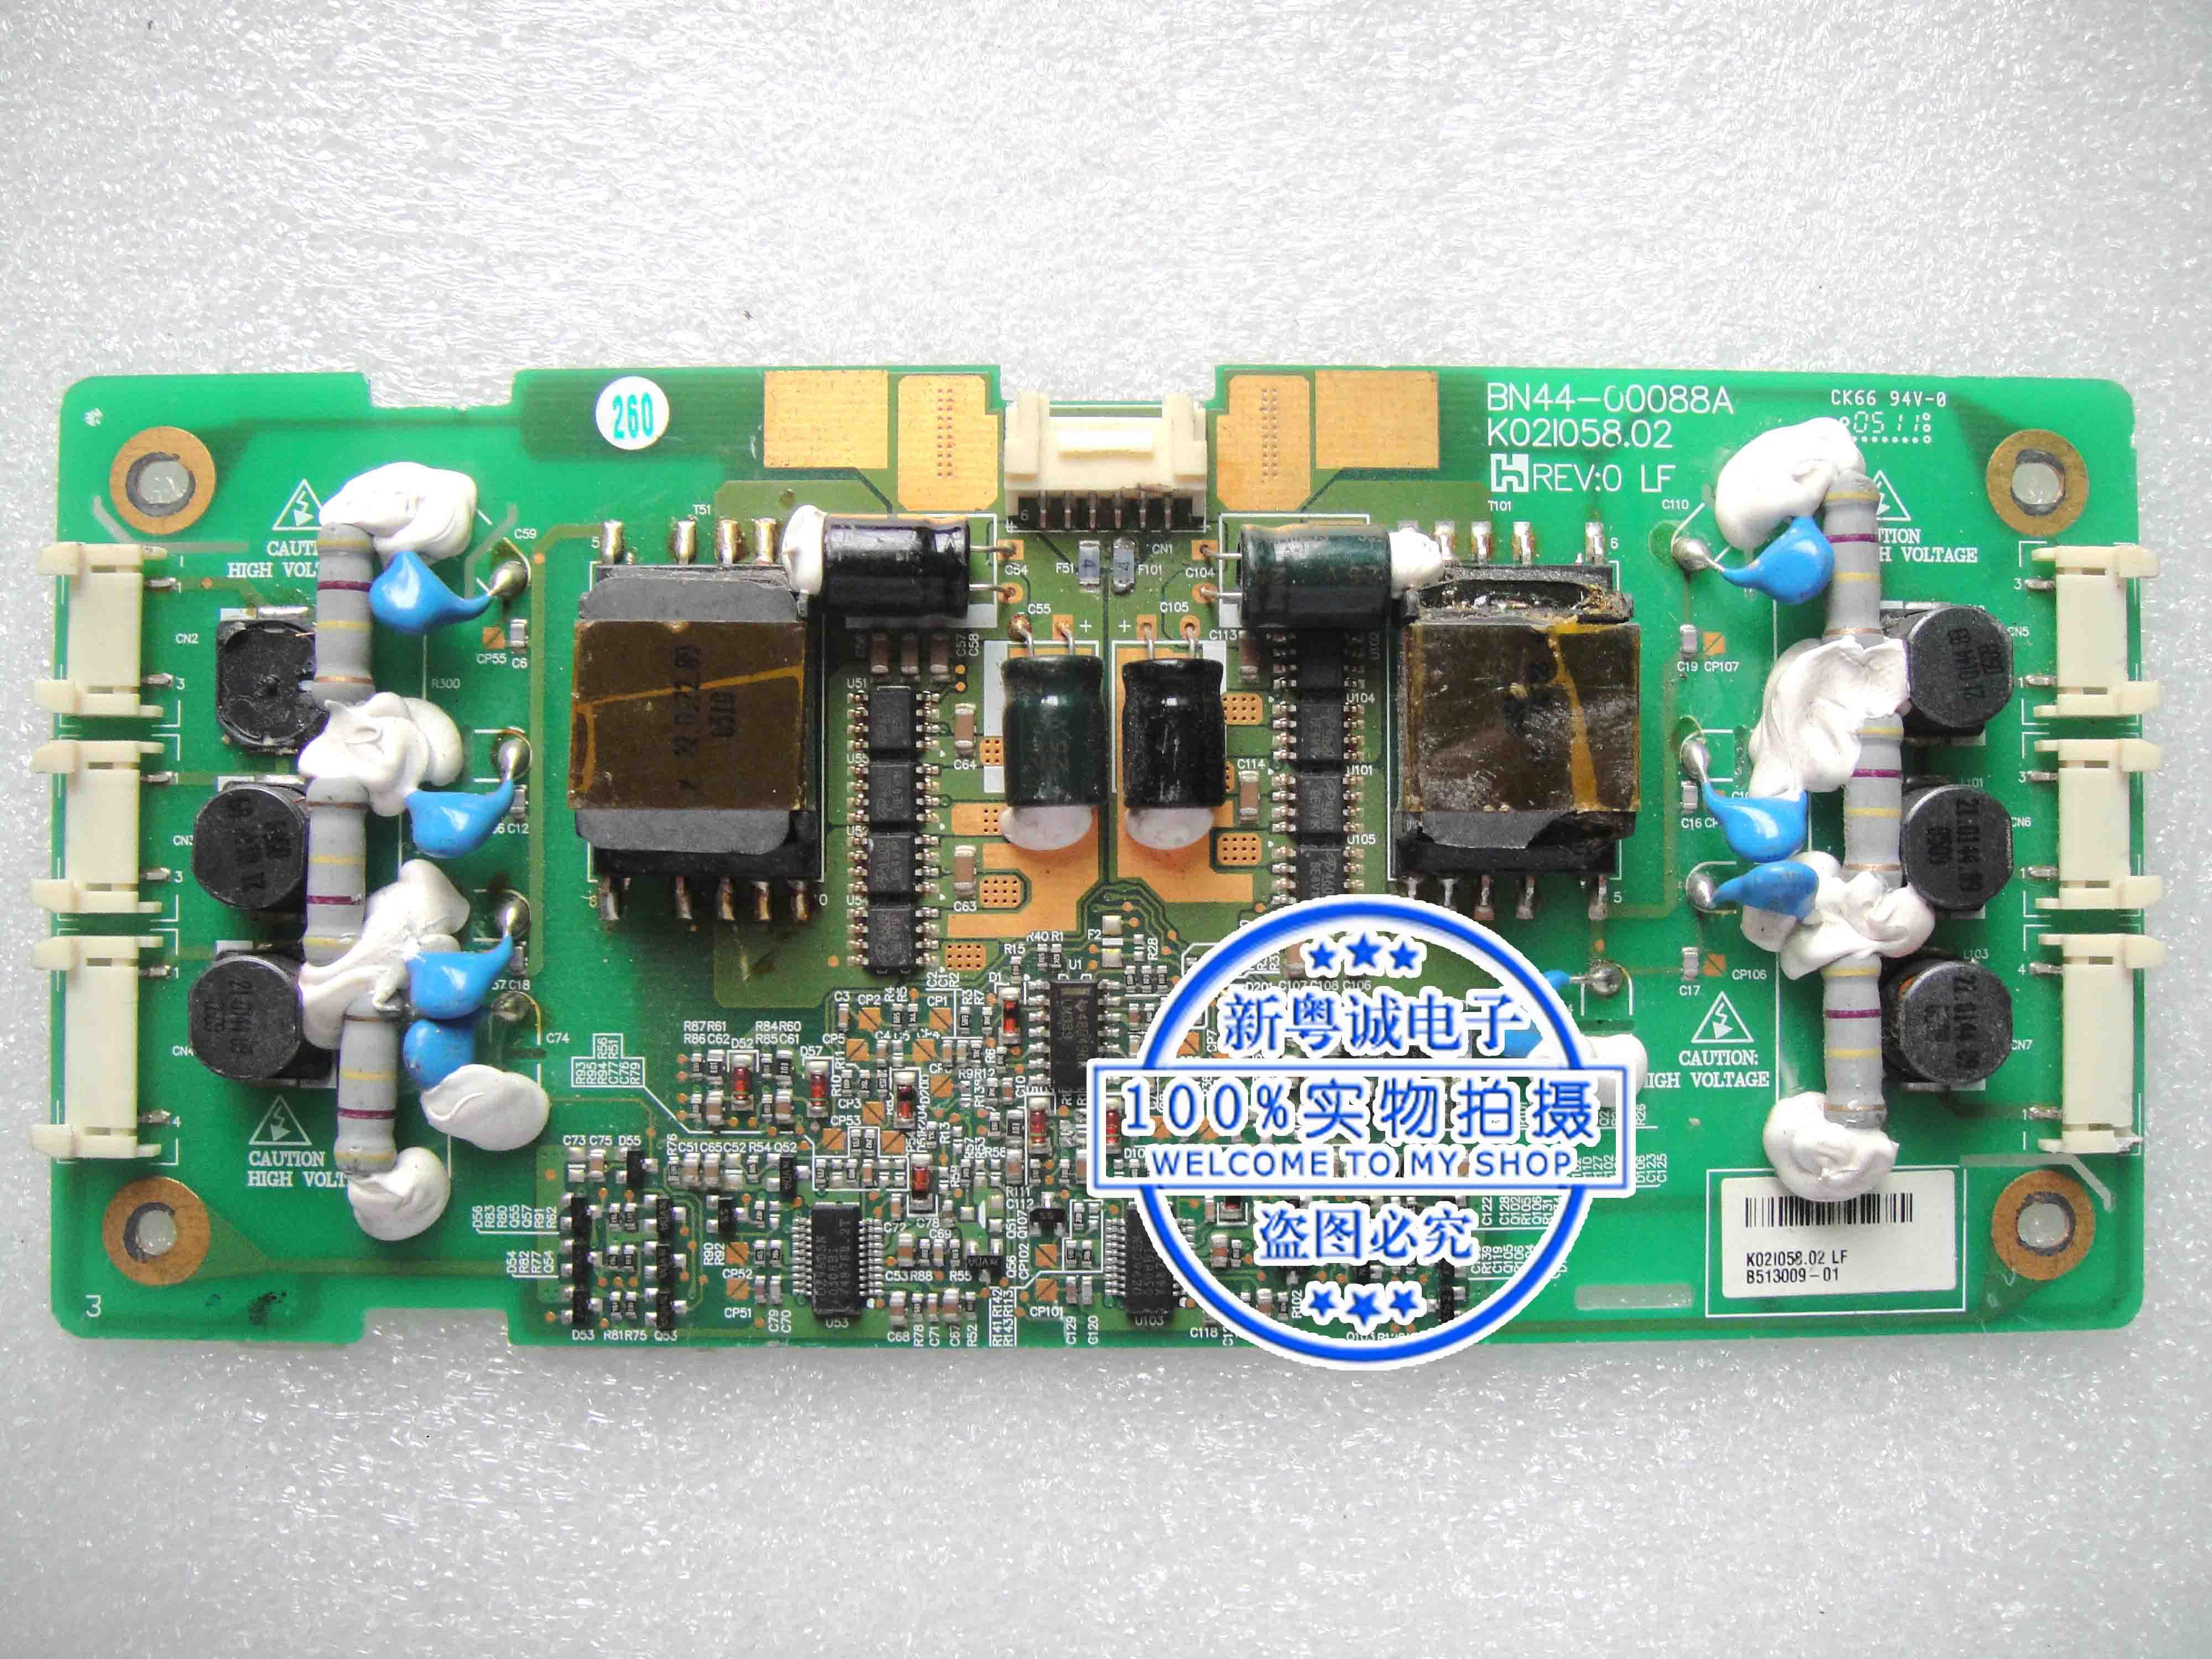 BN44-00088A K02I058.02 Inverter